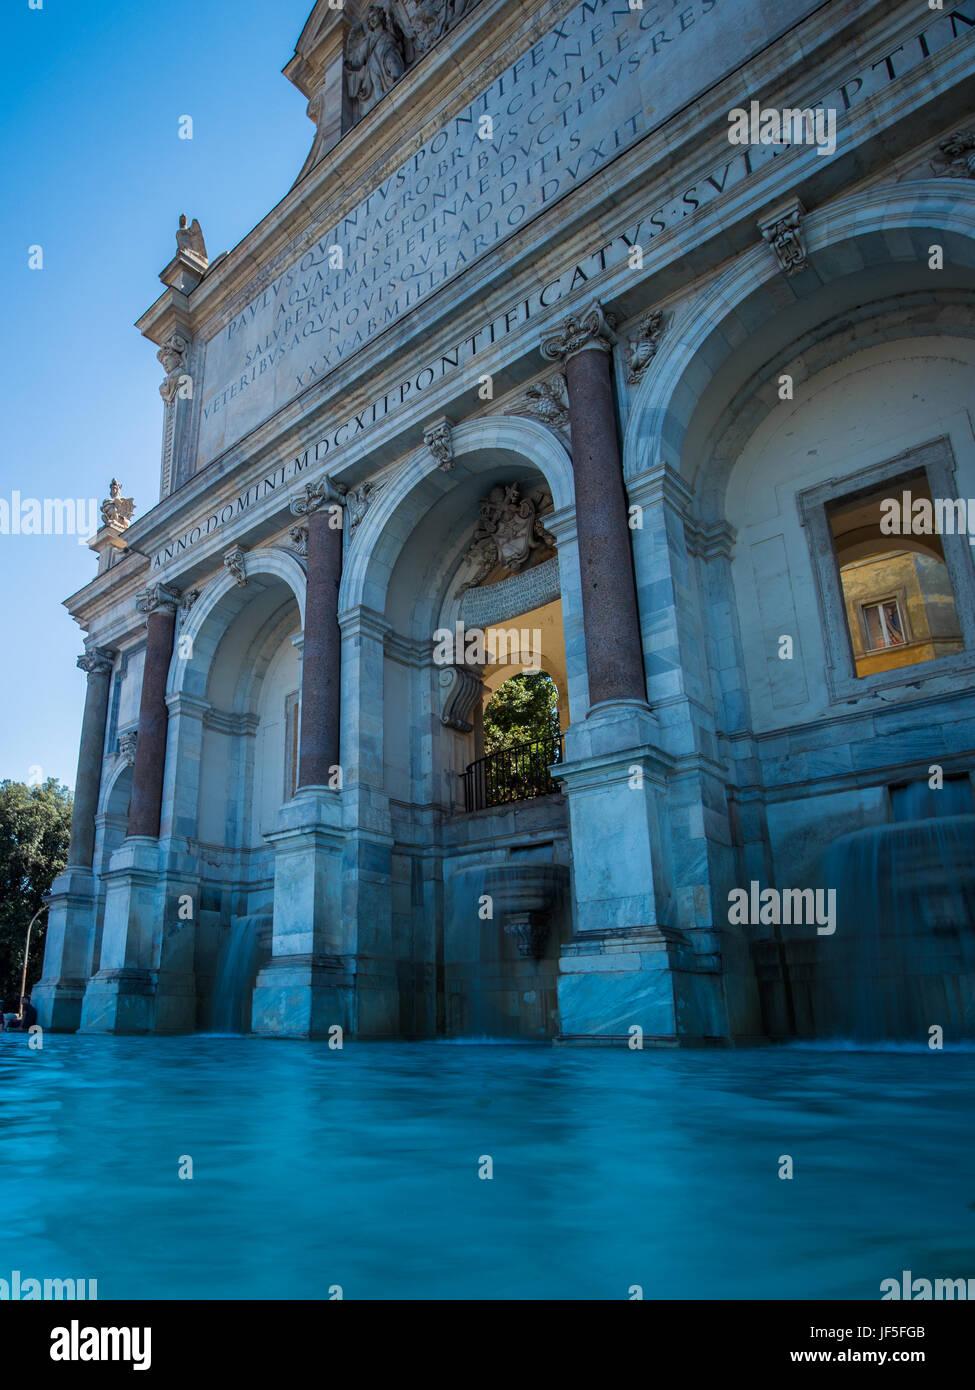 Fontana dell'Acqua Paola a également connu comme il Fontanone ('la grande fontaine') situé sur le Janicule, à Rome, Italie Banque D'Images